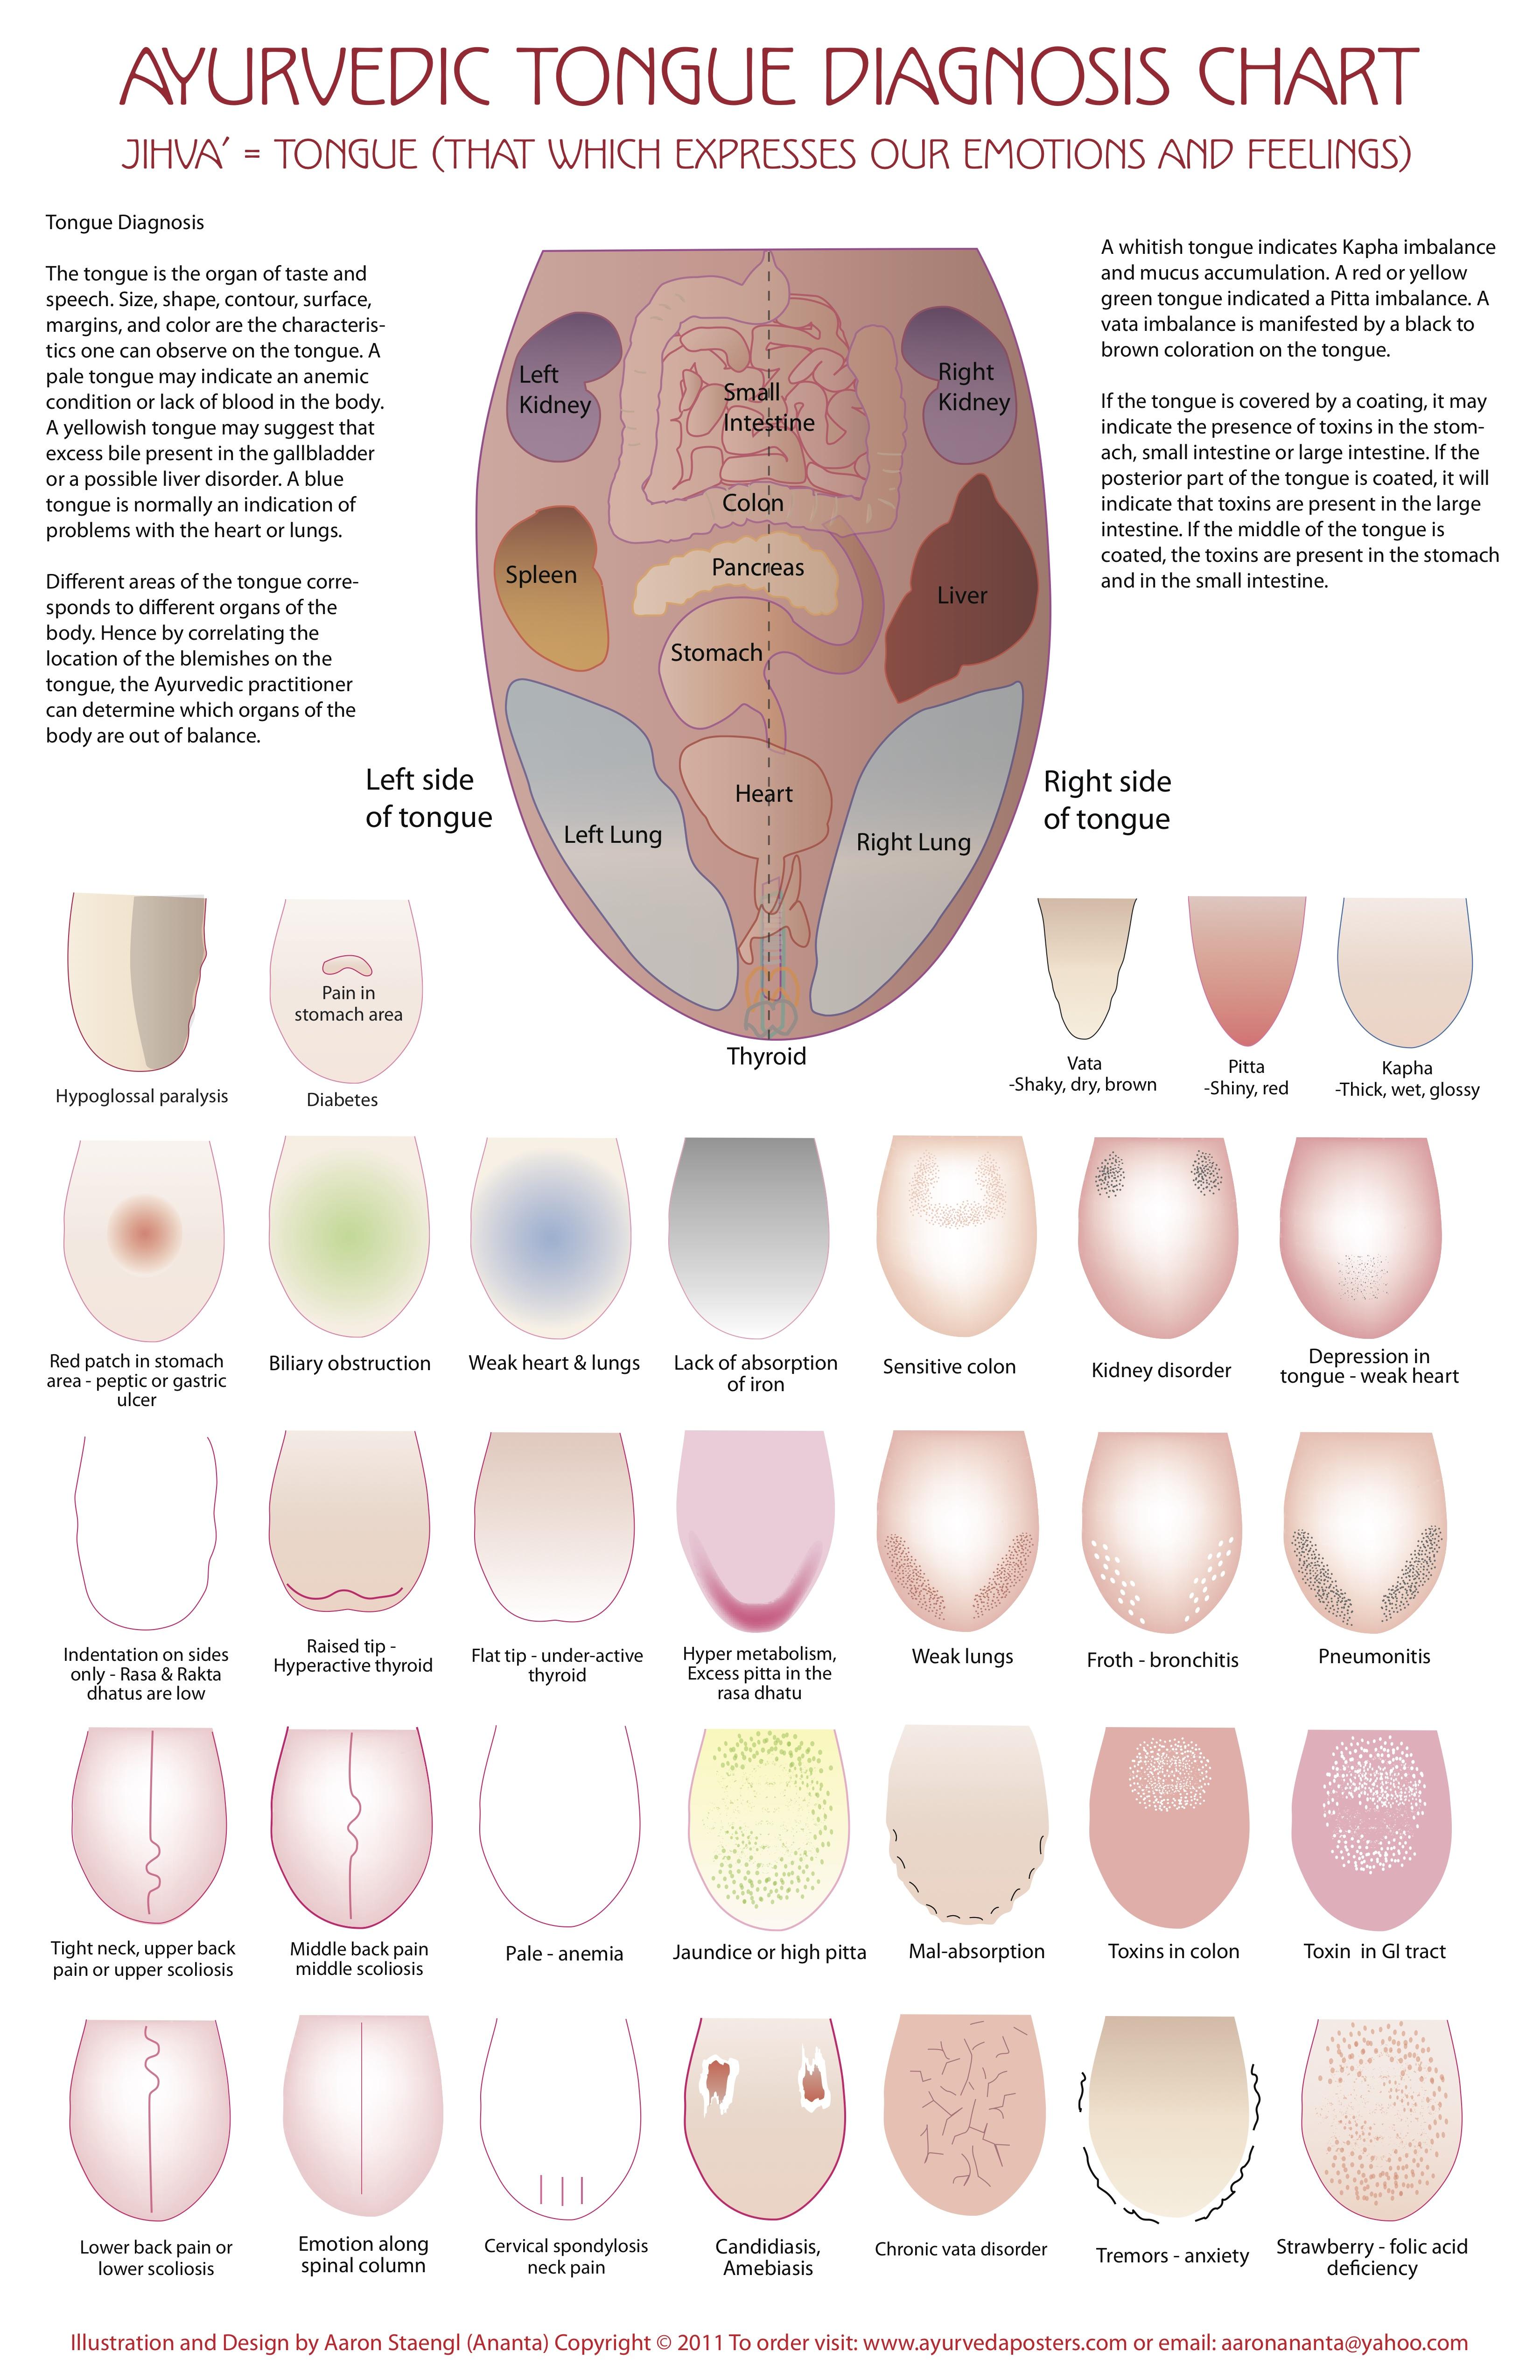 Tongue Diagnosis Chart - Clinical Charts and Supplies